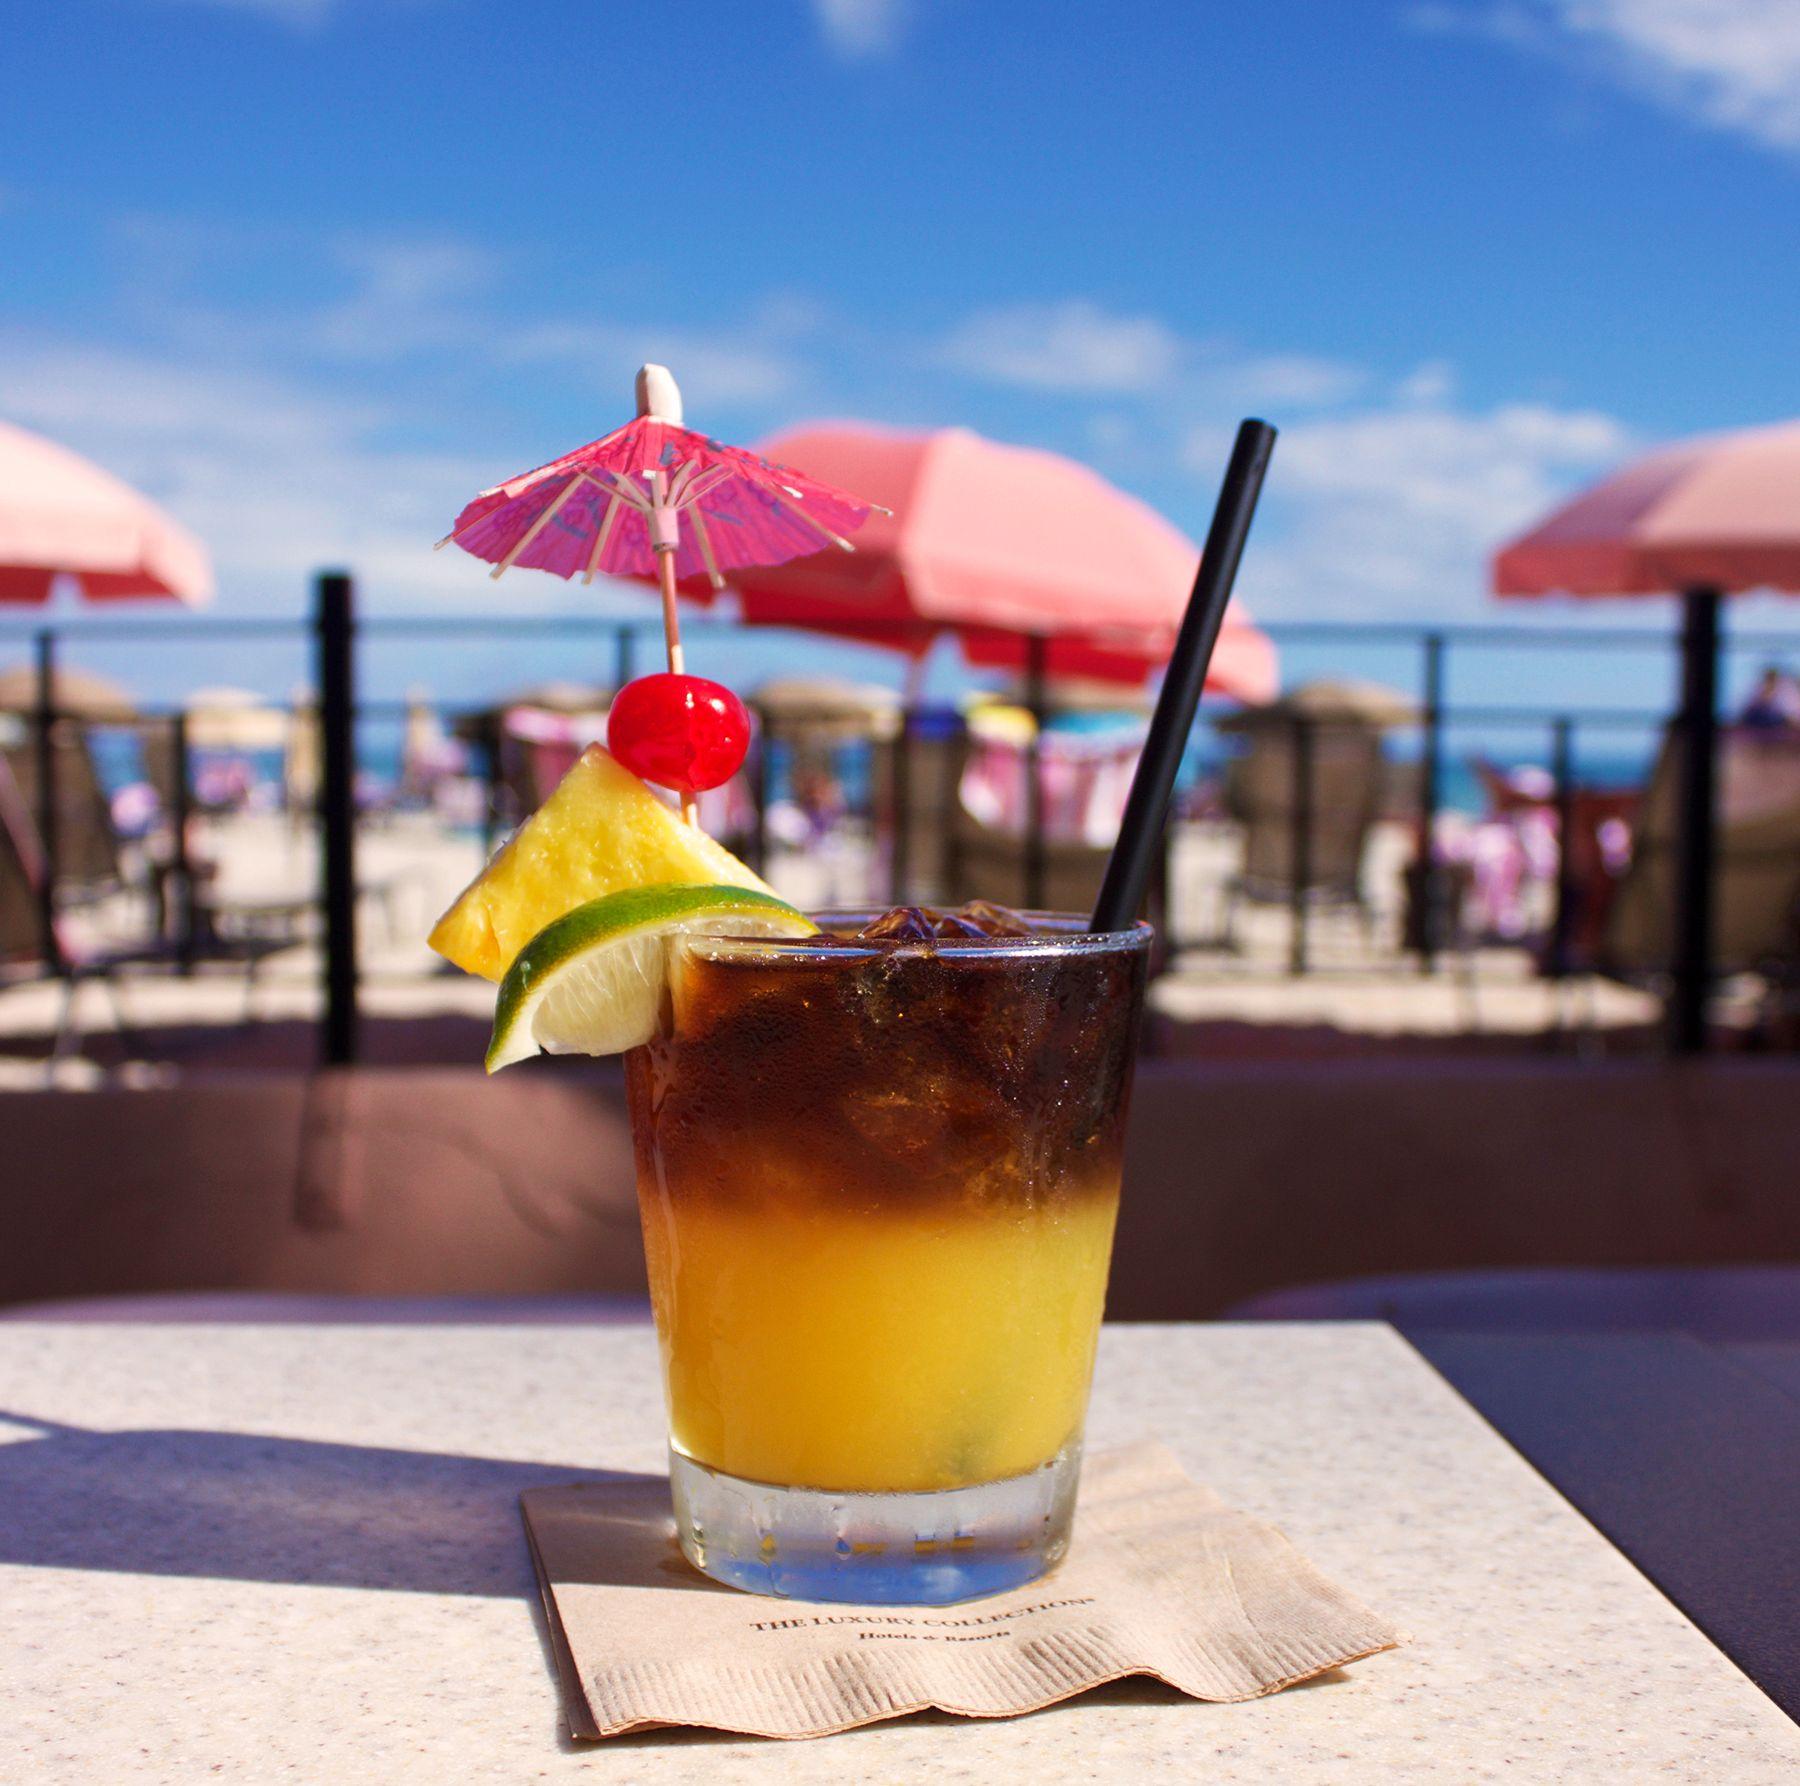 <p>The Royal Hawaiian's Scratch Mai Tai from their famed Mai Tai Bar in Waikiki.</p>